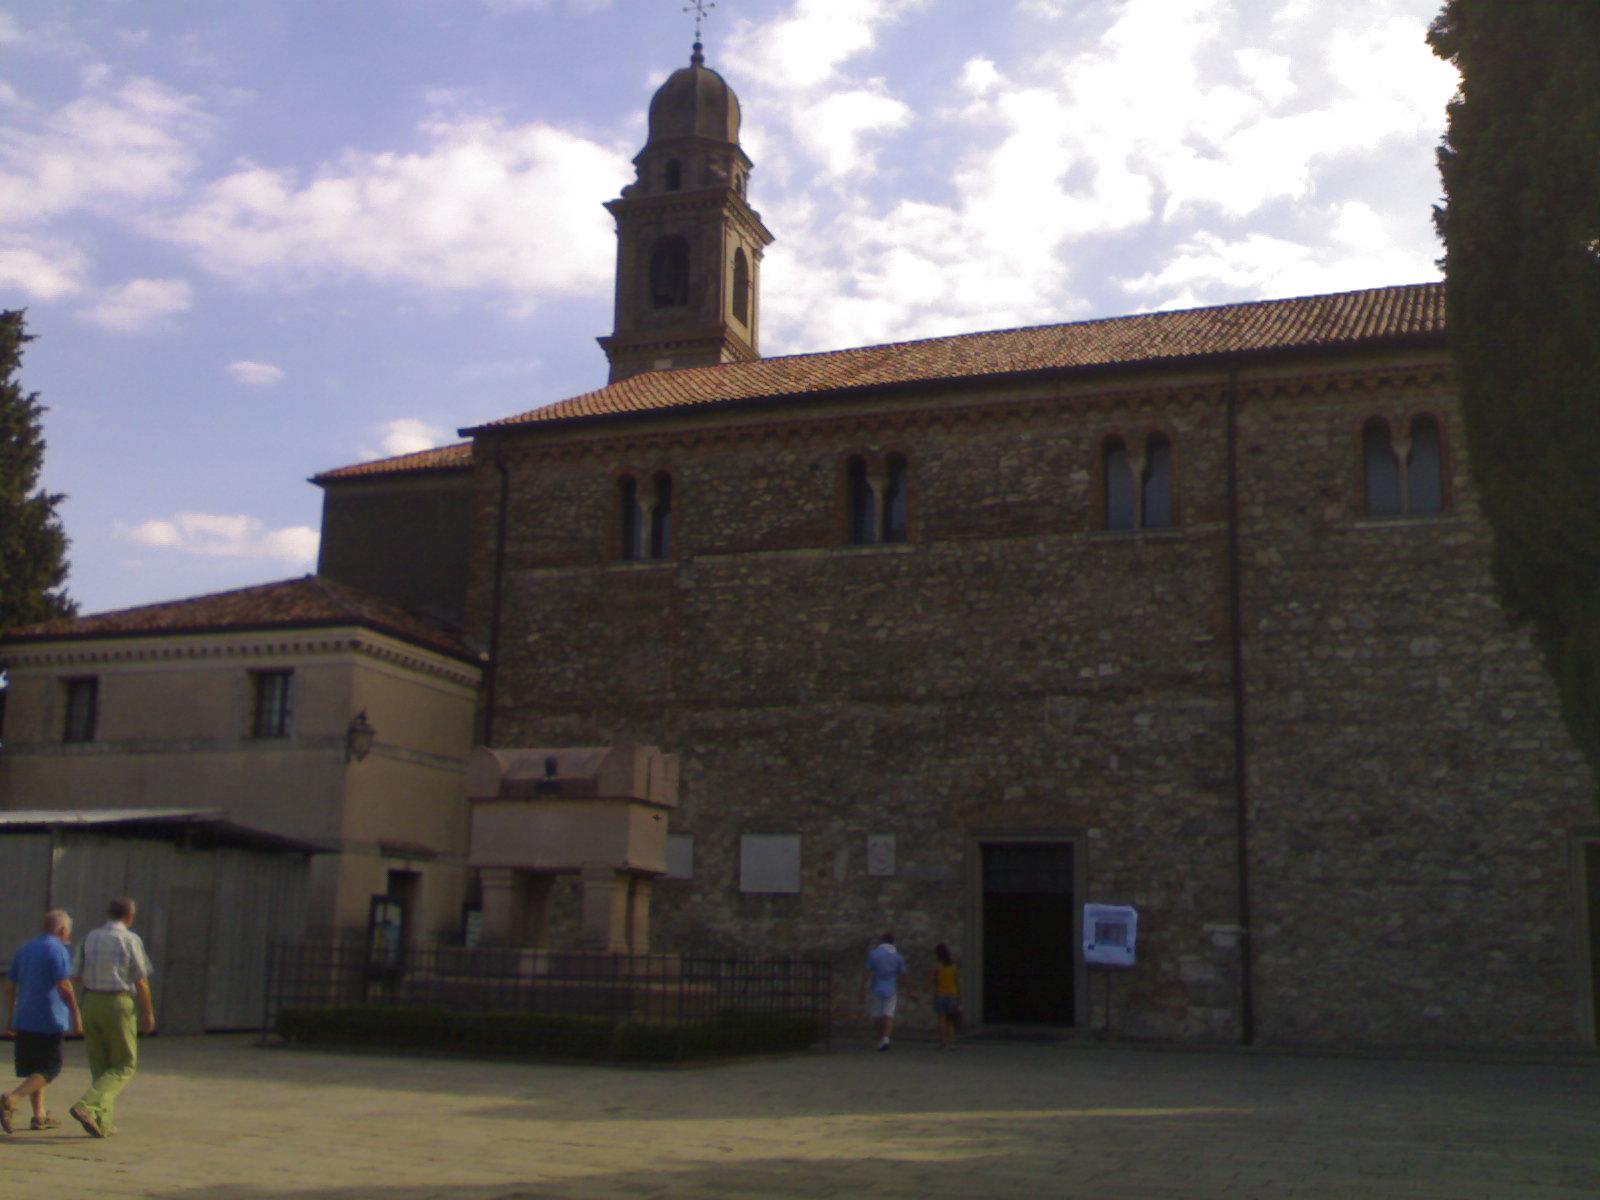 Zia davanti alla chiesa - 2 3